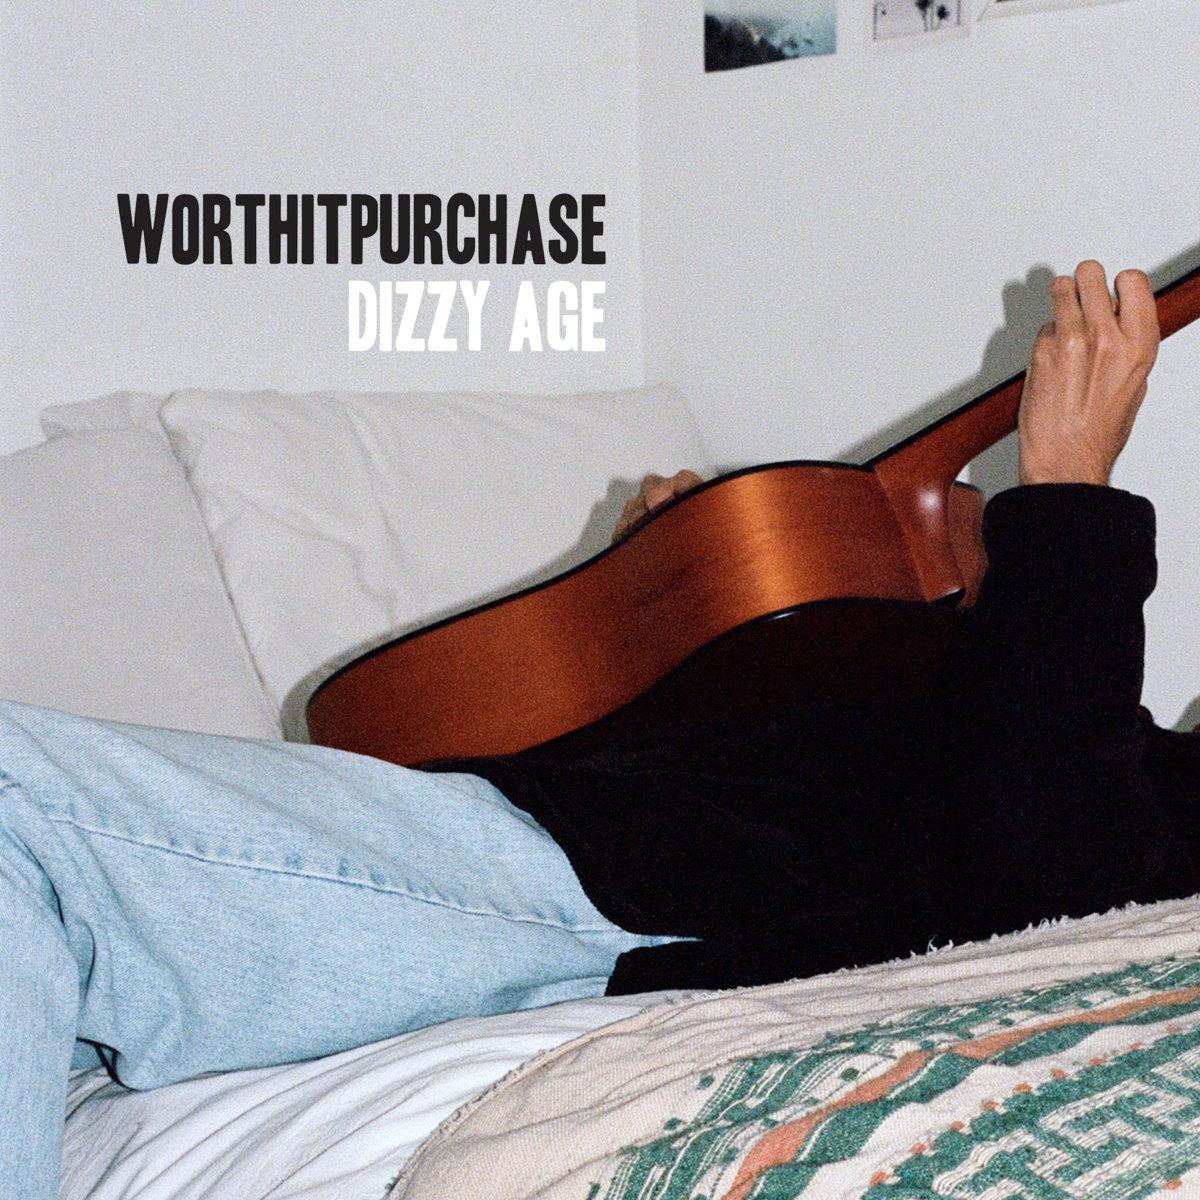 Worthitpurchase Dizzy Age